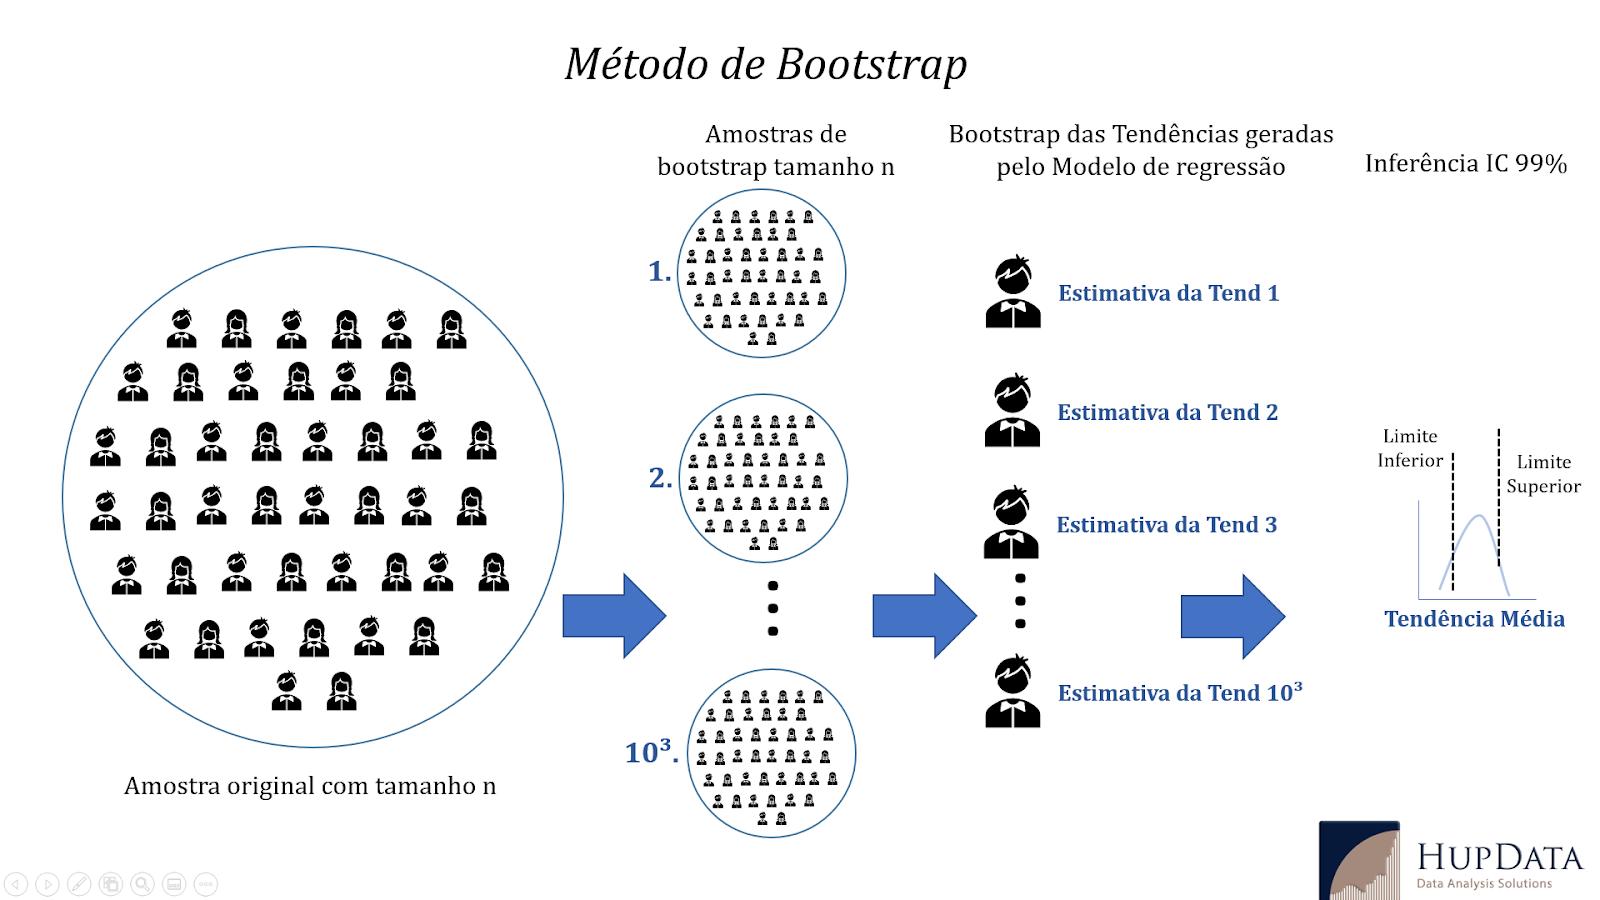 método estatístico de bootstrap